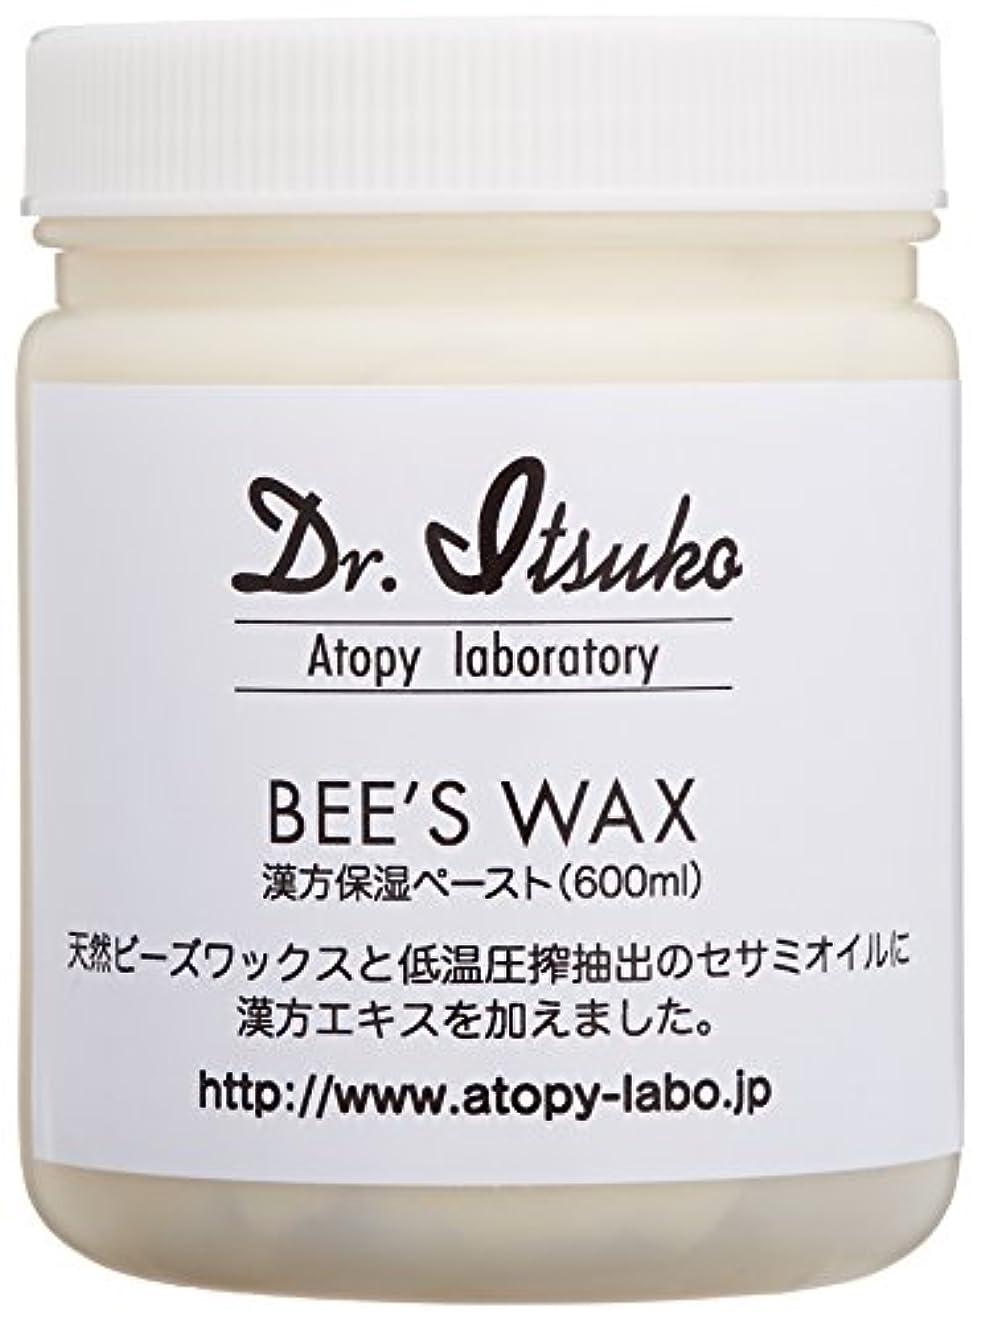 欲望スケート豆腐Dr.Itsuko ビーズワックス 600ml